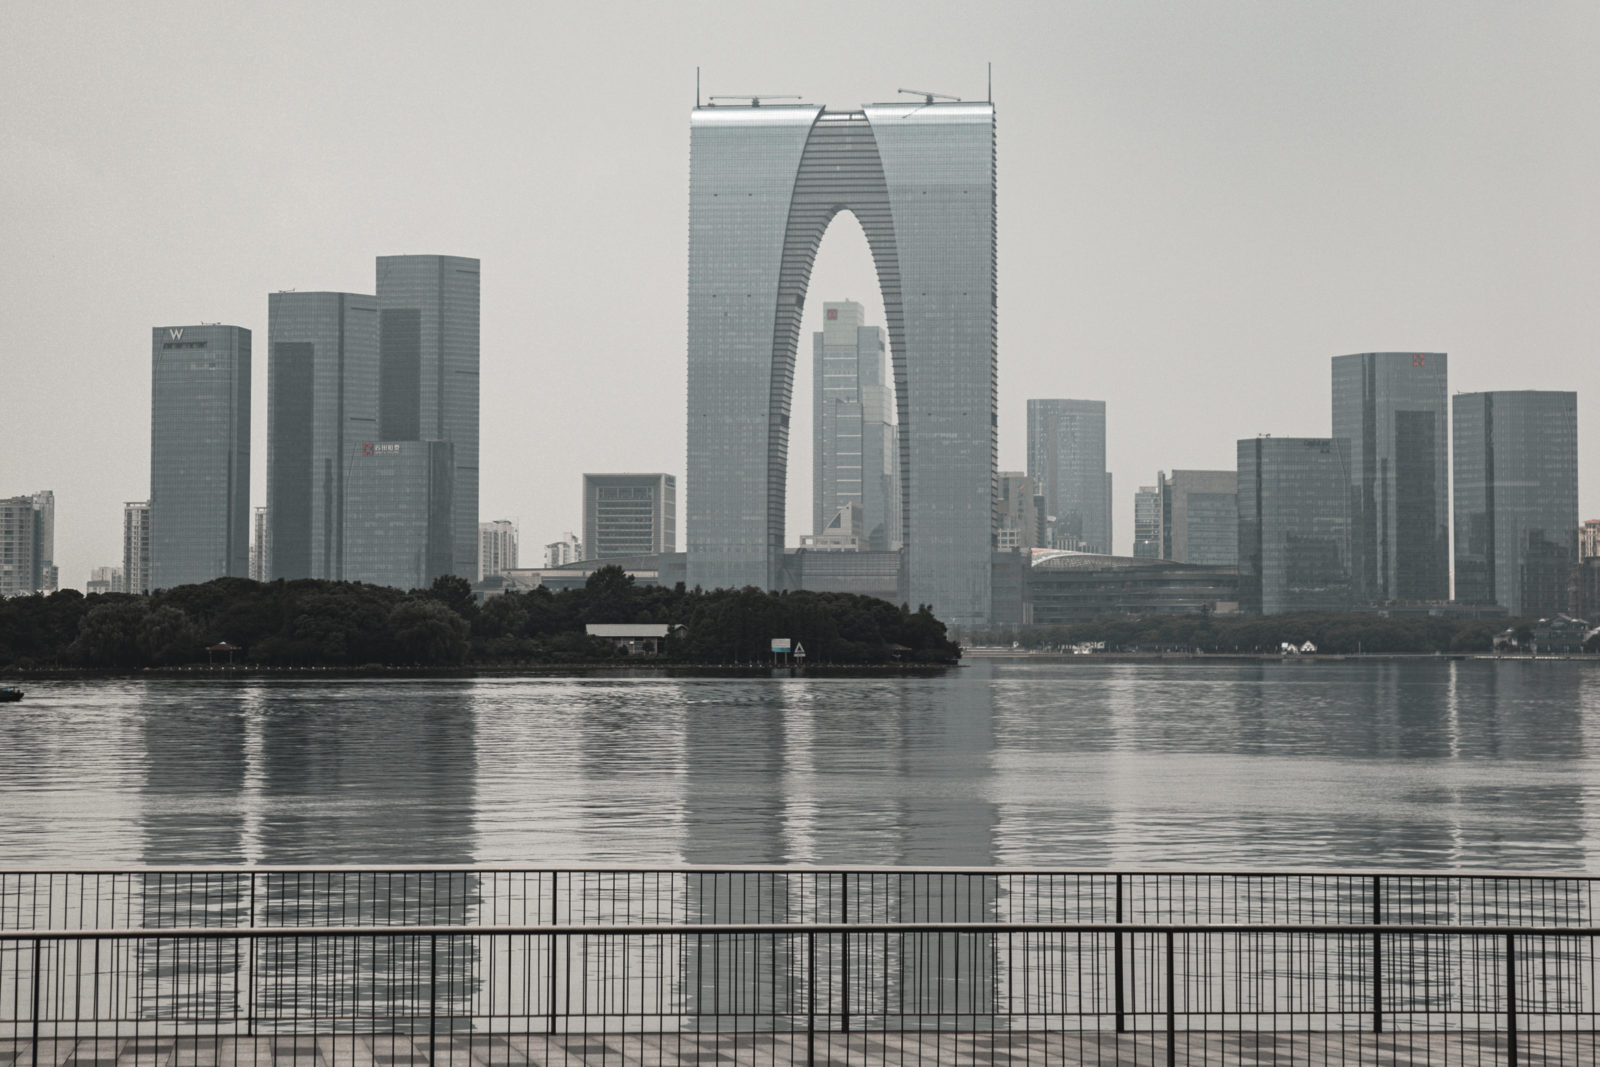 Suzhou Sehenswürdigkeiten die Hose Gate of the Orient Dongfang Zhimen